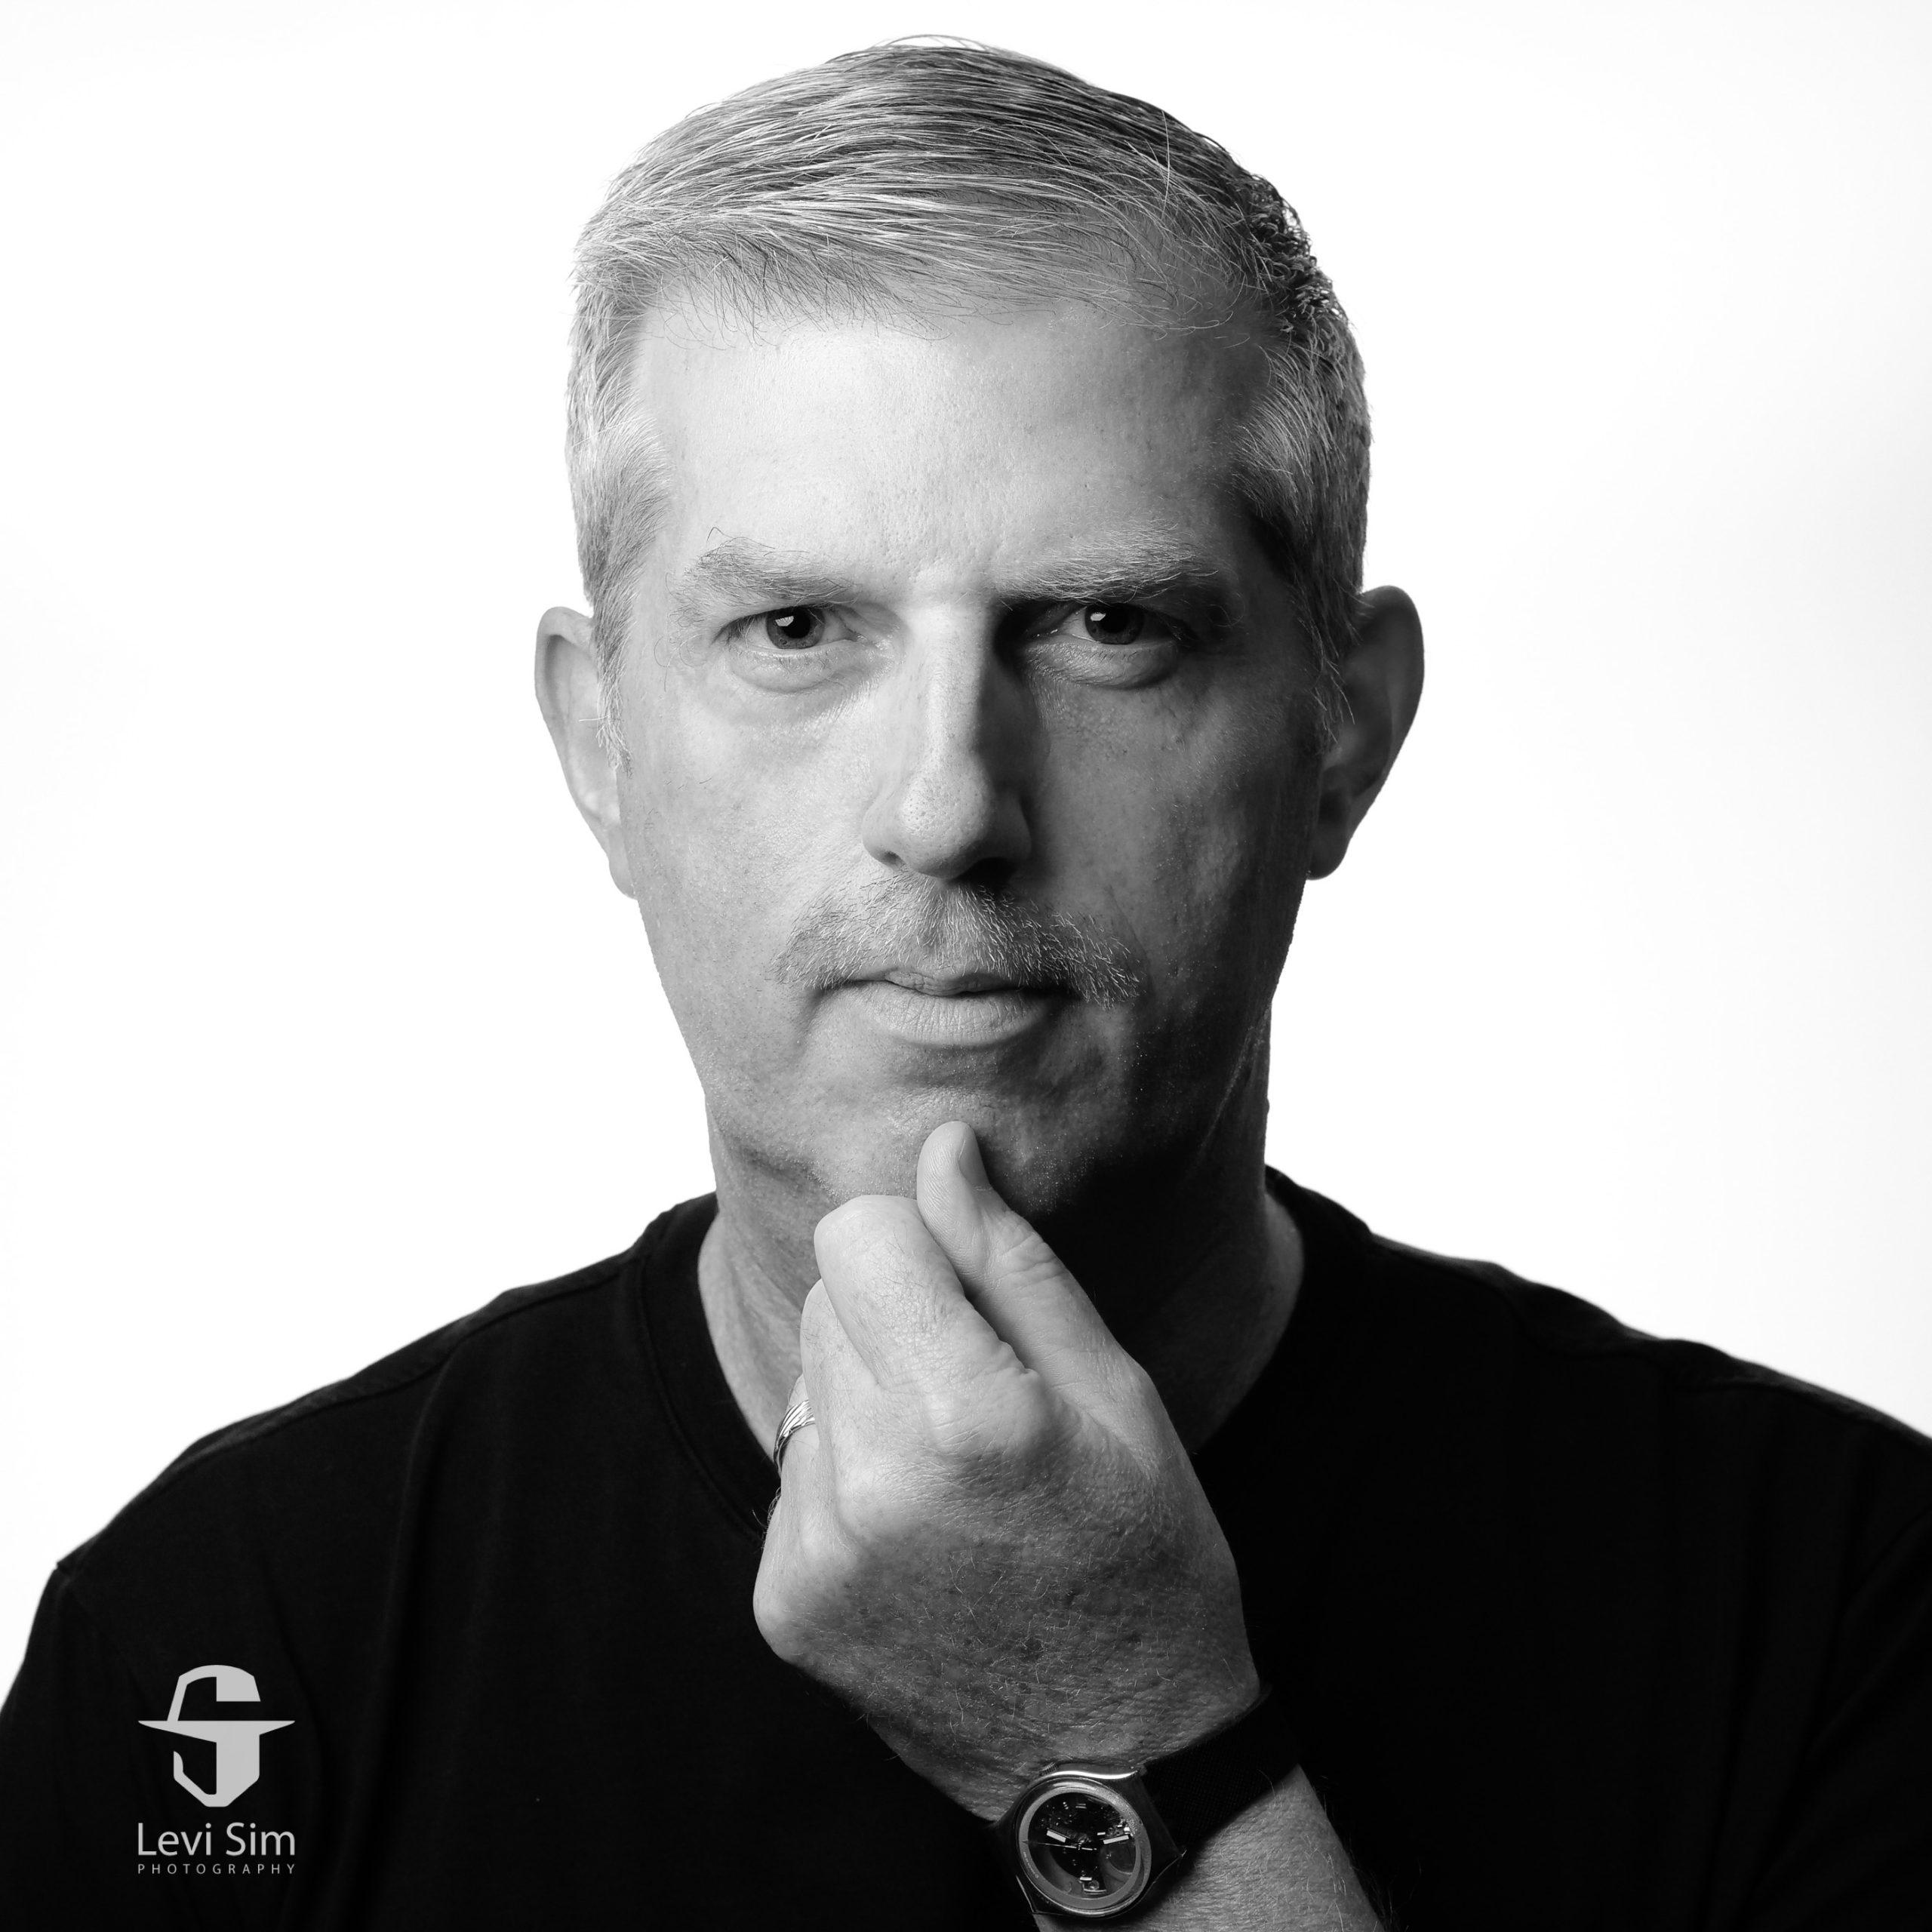 Levi Sim Steve Jobs Portrait Project Out Of Chicago 2017-10